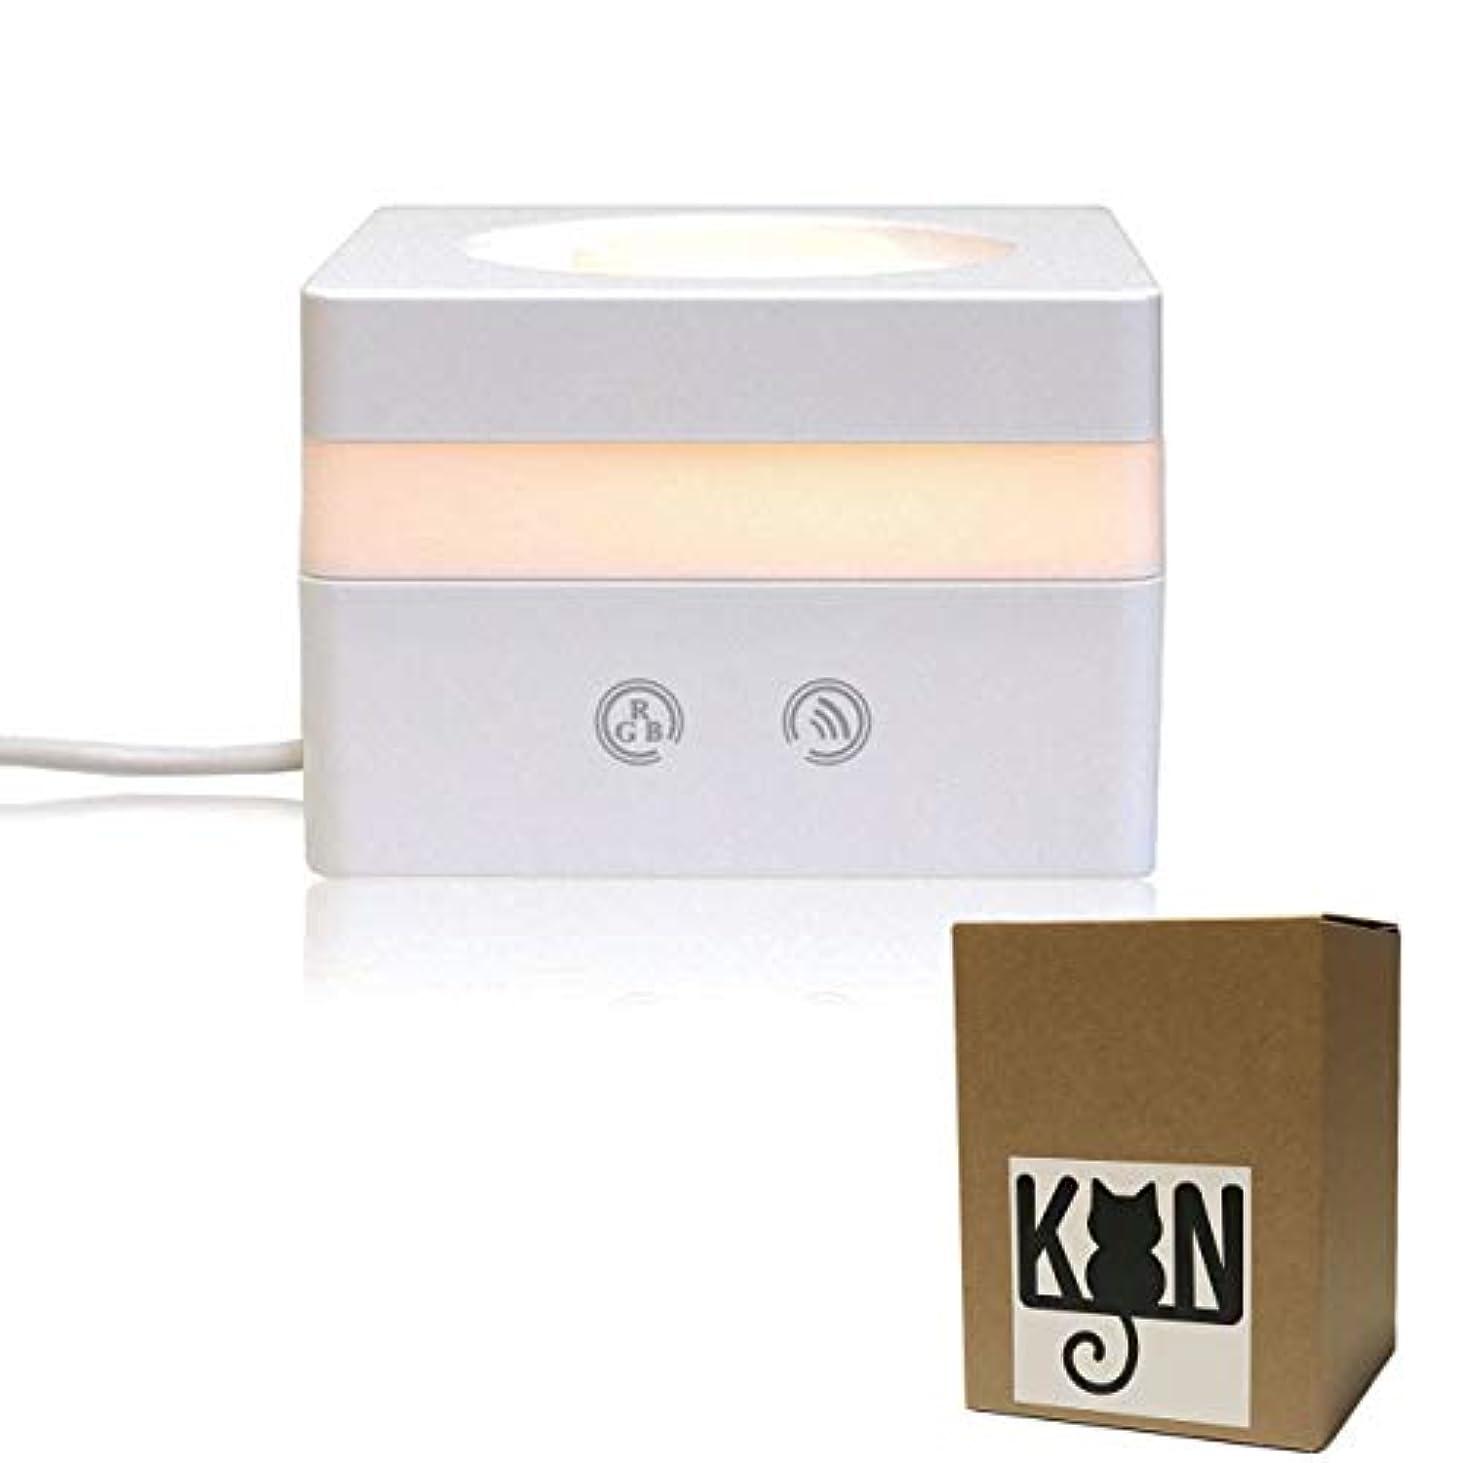 切断する骨の折れる経験的KON アロマディフューザー 超音波式 アロマ加湿器 卓上 アロマ ムードランプ 七色変換LEDライト USB給電式 空焚き防止機能 卓上加湿器 キューブ型